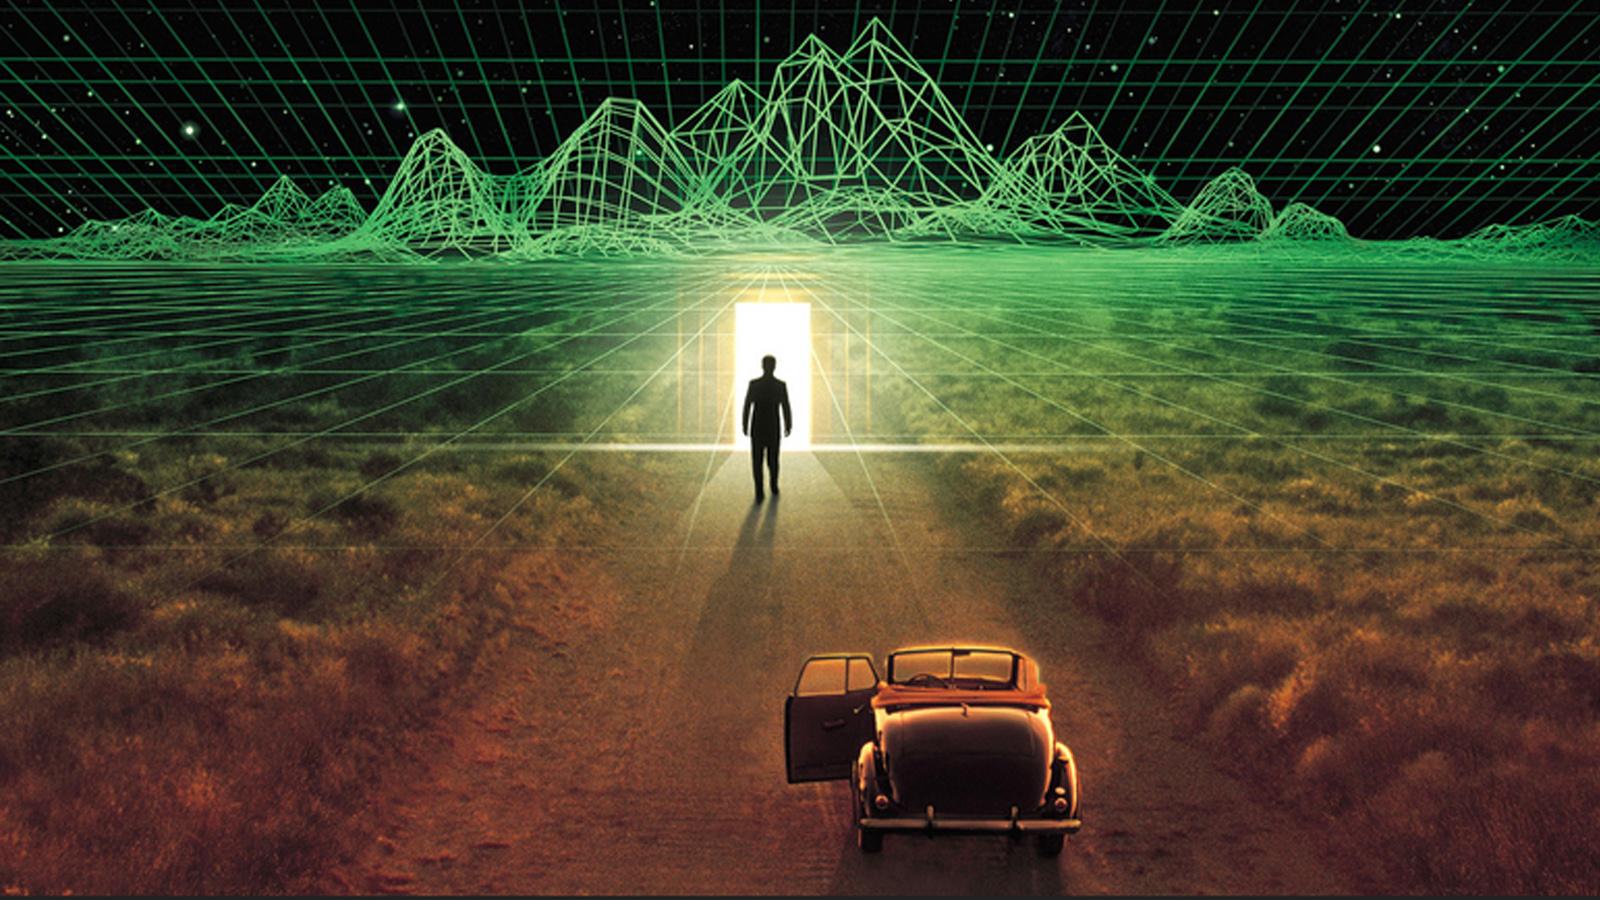 #经典看电影#小伙往一个方向一直开车,意外来到世界尽头,发现自己被骗的好惨